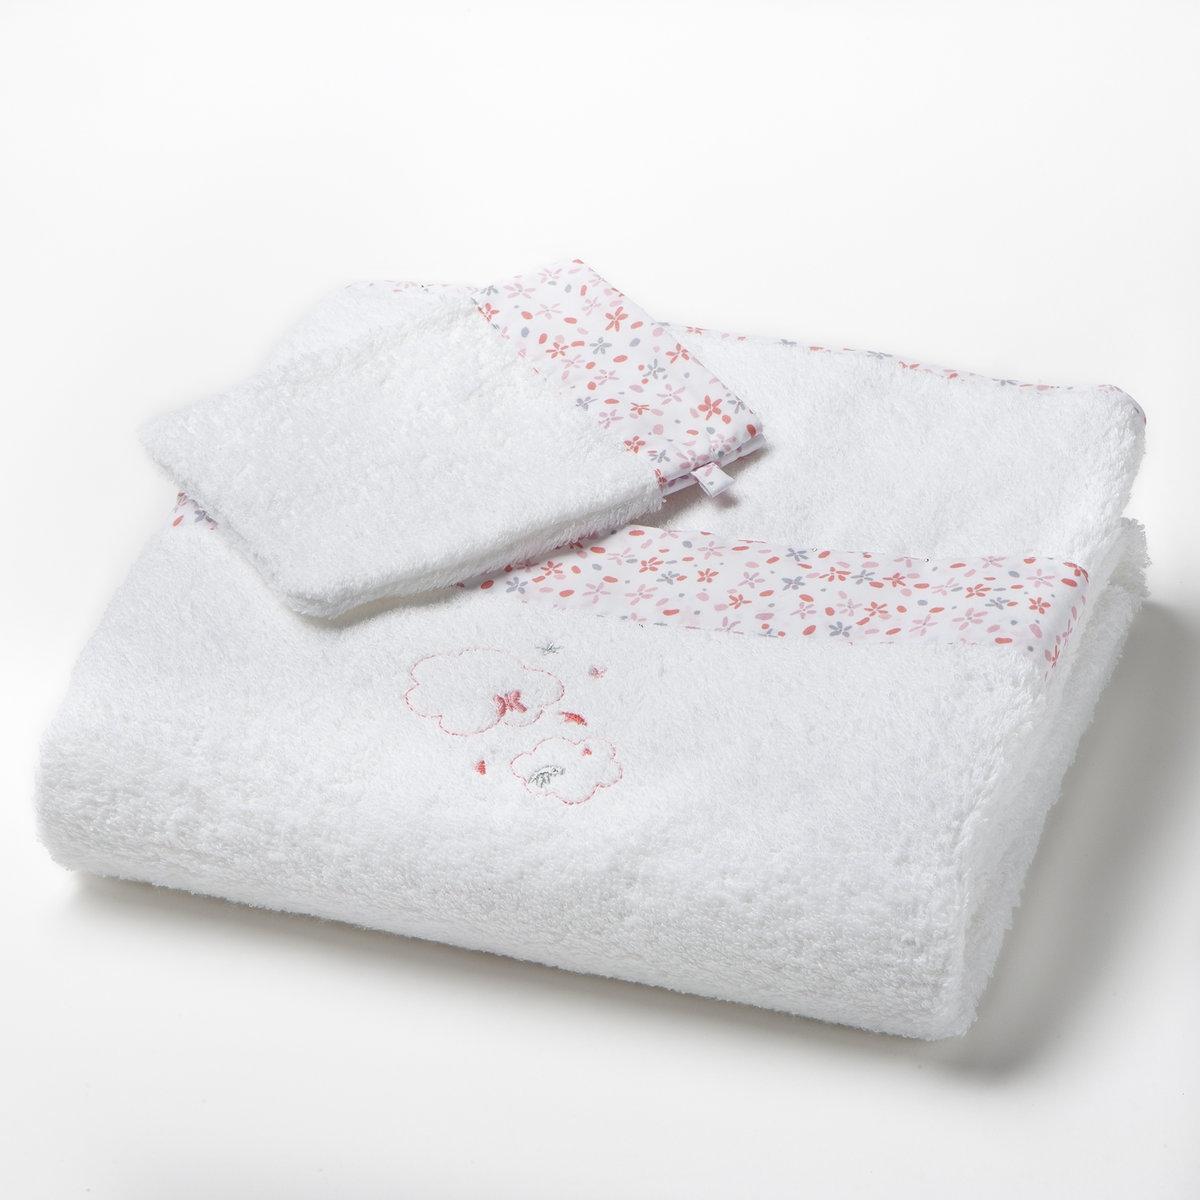 Комплект 1 полотенце махровое + 1 перчатка 400г/м2Махровая ткань 100% хлопка 400г/м2 Долго остаётся мягкой, устойчива к износу, прекрасно сохраняет цвет после стирок при 60°.Машинная сушка.Цвет: Белый Размер: единый<br><br>Цвет: белый